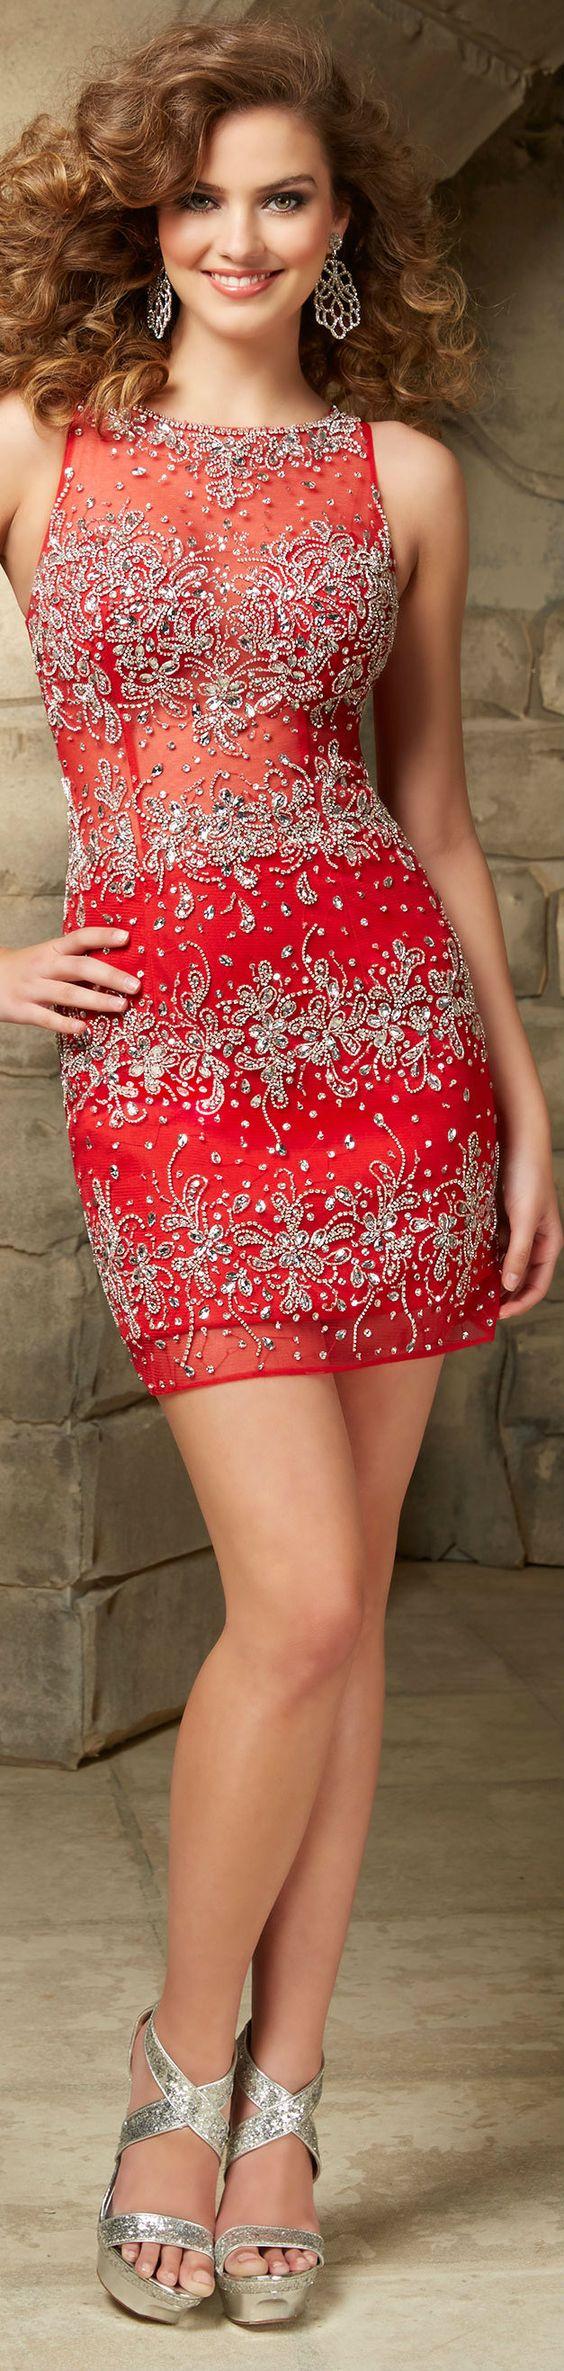 Vestido curto rendado em tons vermelho e prata: